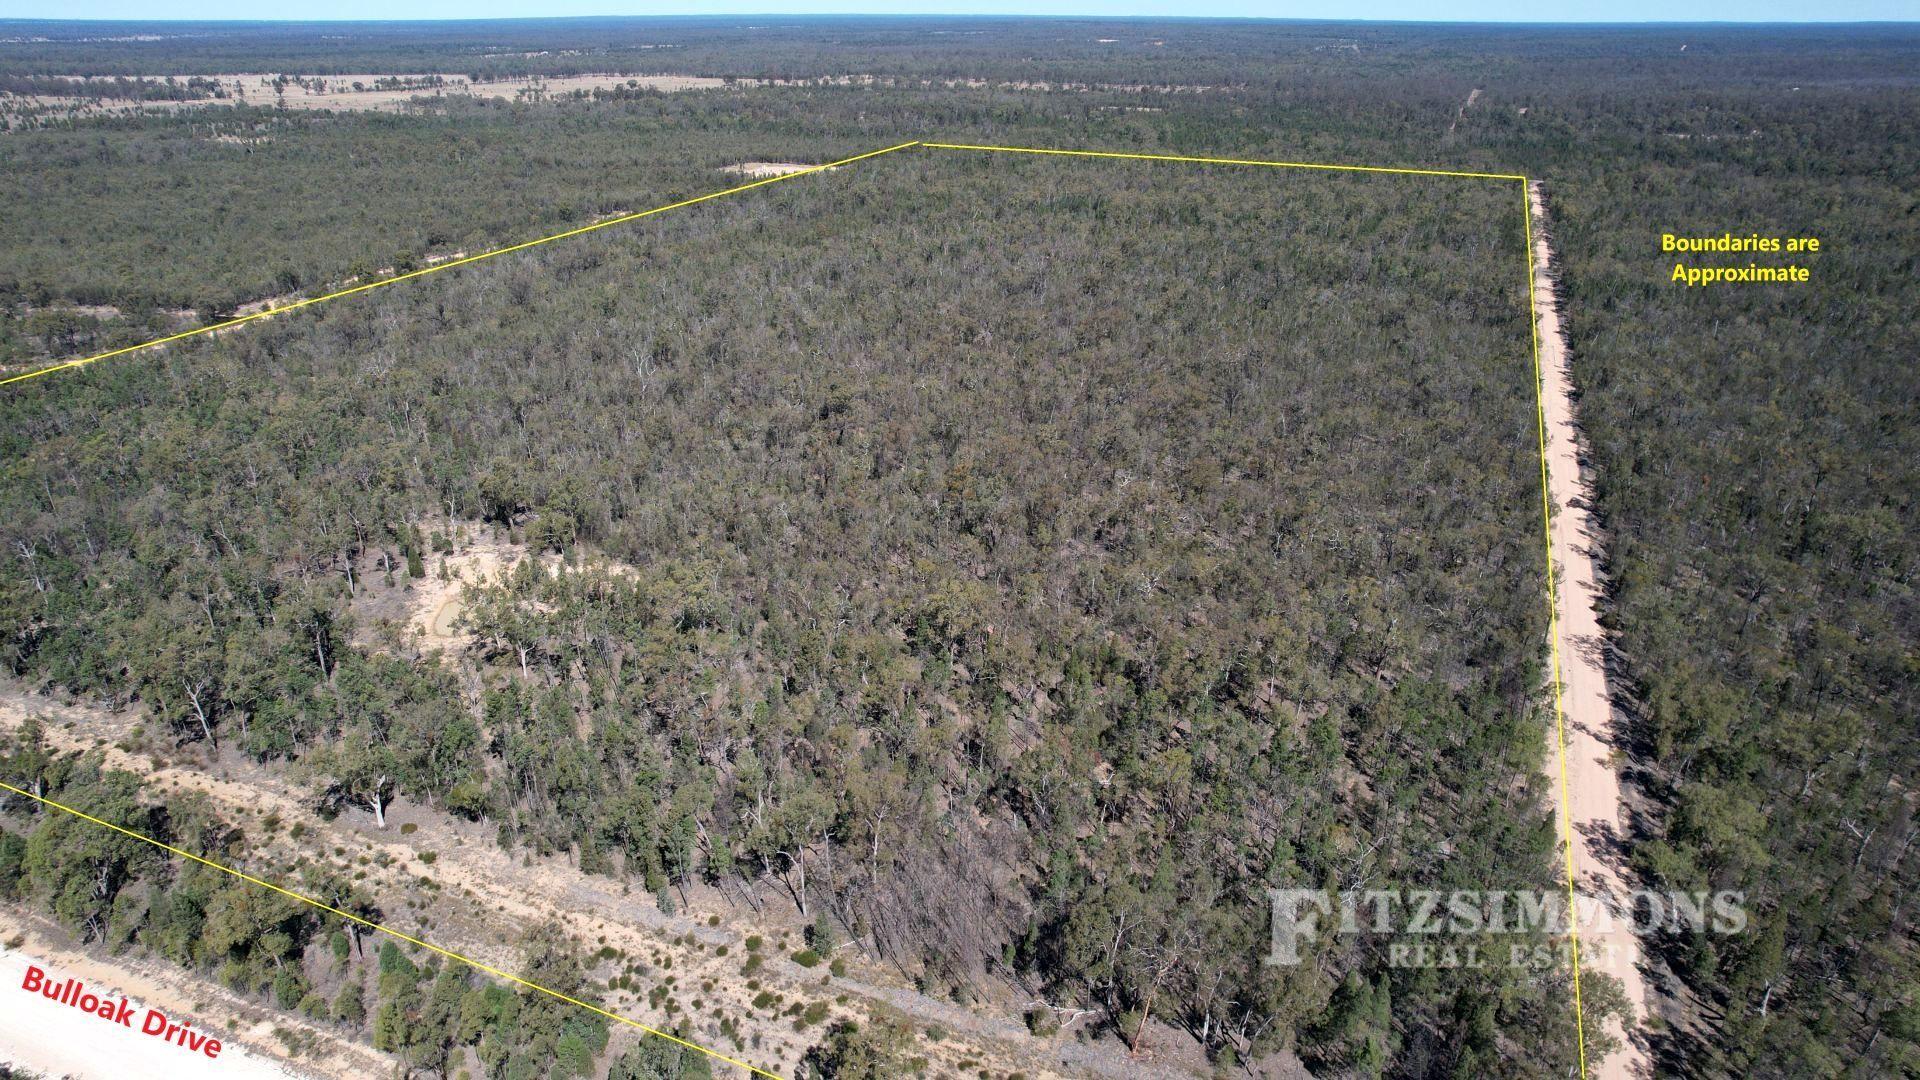 Lot 25 Bulloak Drive, Kumbarilla, Dalby QLD 4405, Image 0